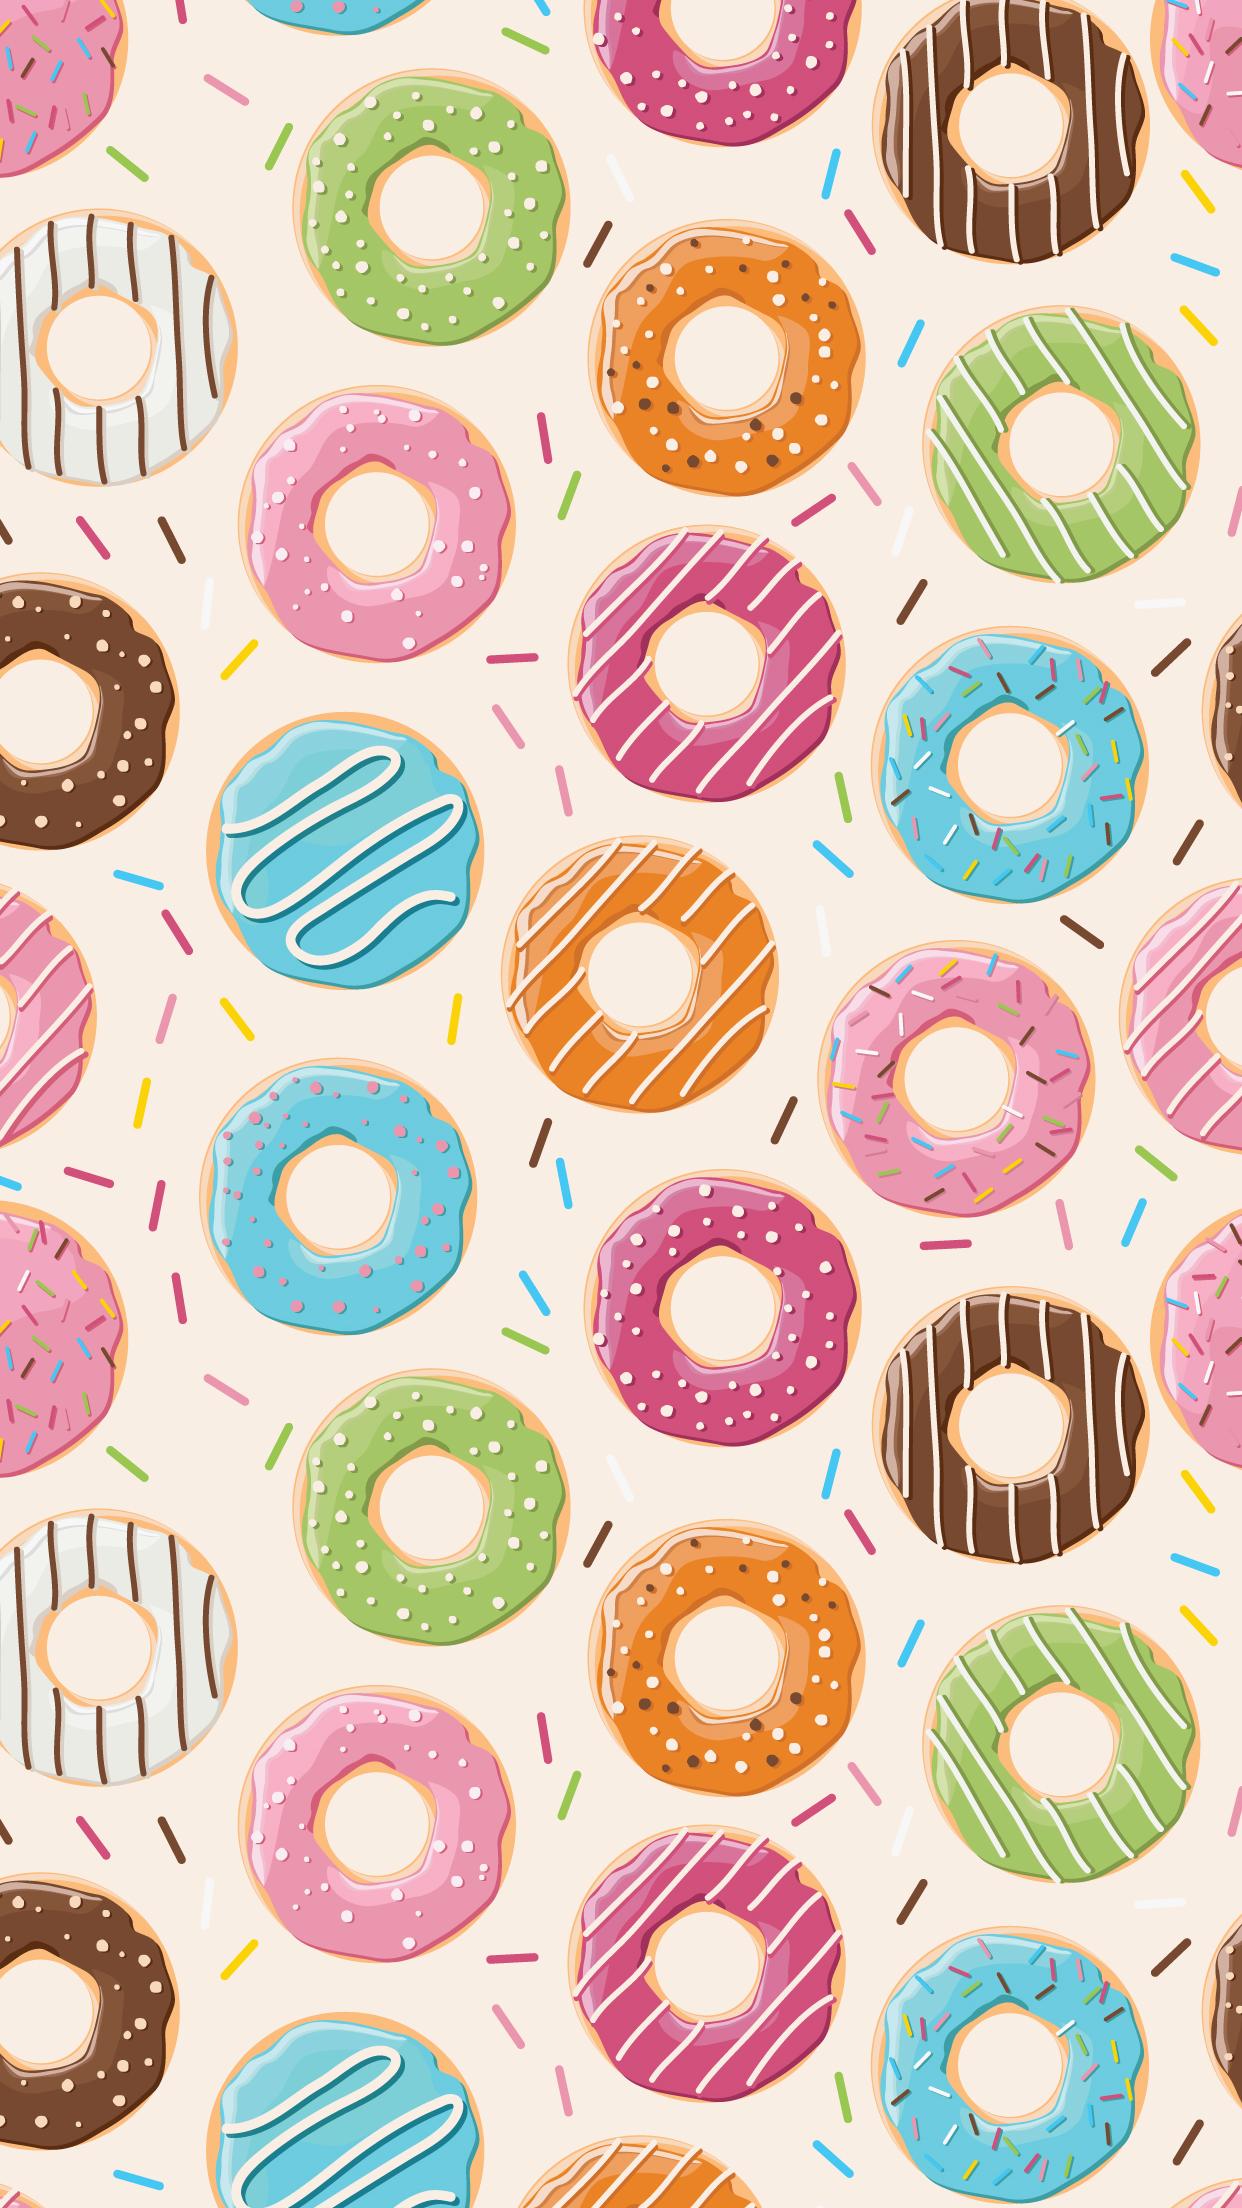 Donut Wallpaper Wallpaper fofinho